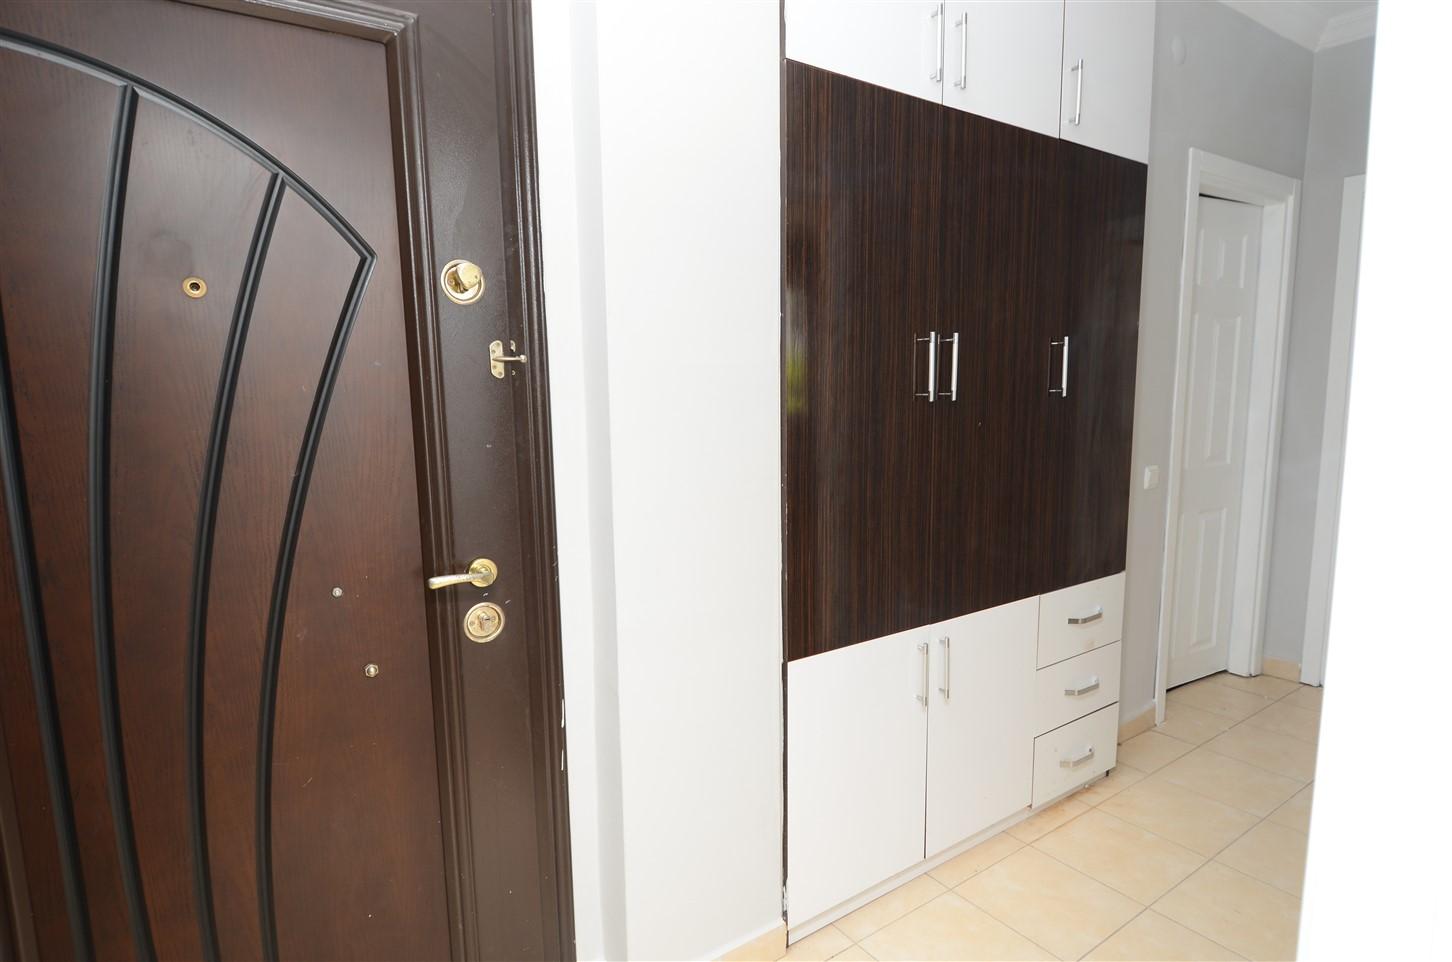 Трёхкомнатная квартира в центре Антальи по очень привлекательной цене - Фото 6